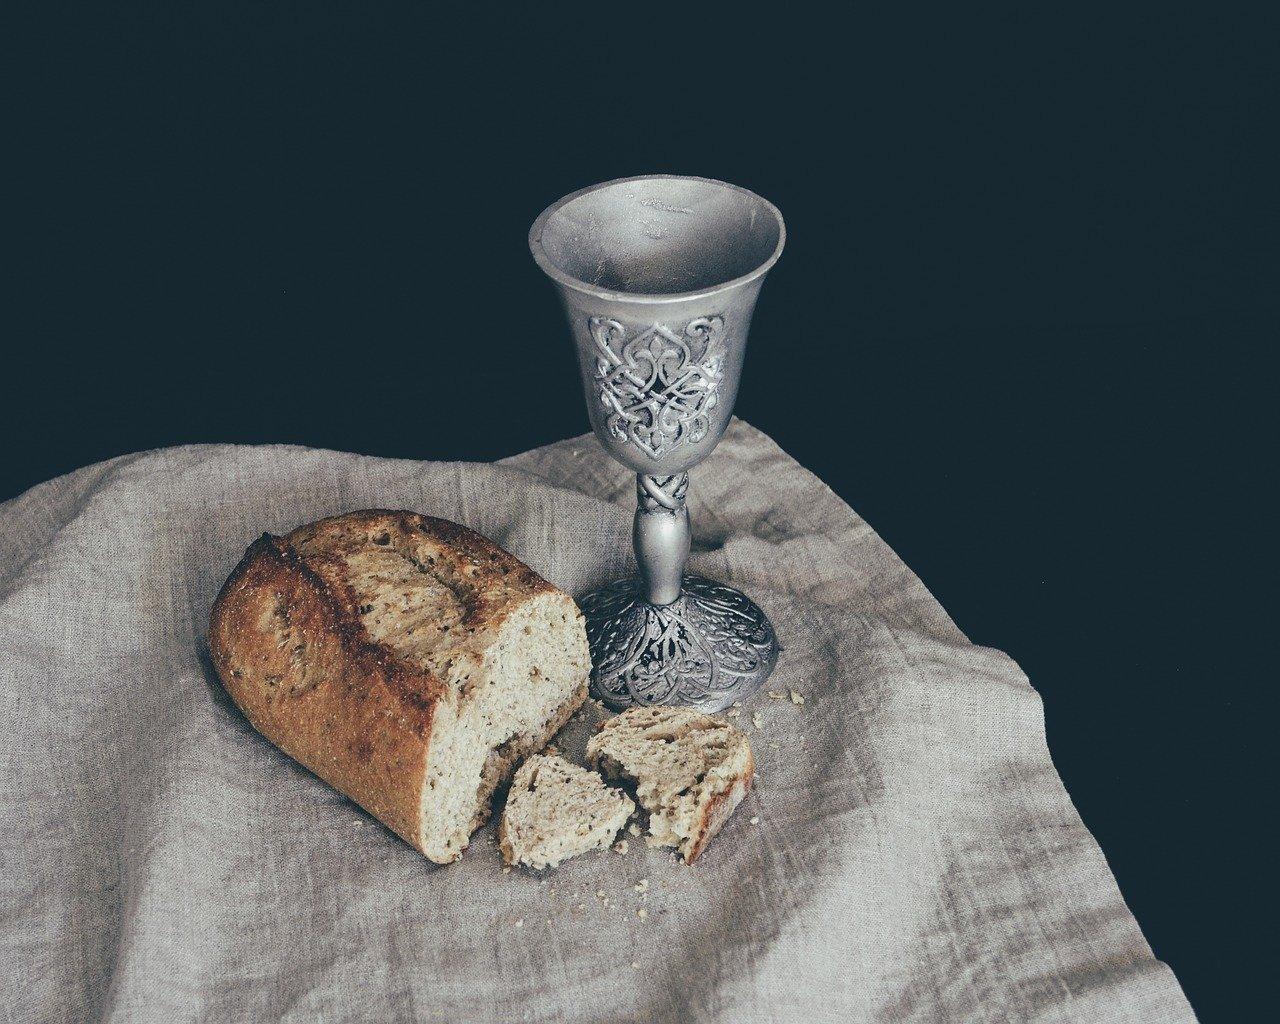 bread, communion, eucharist